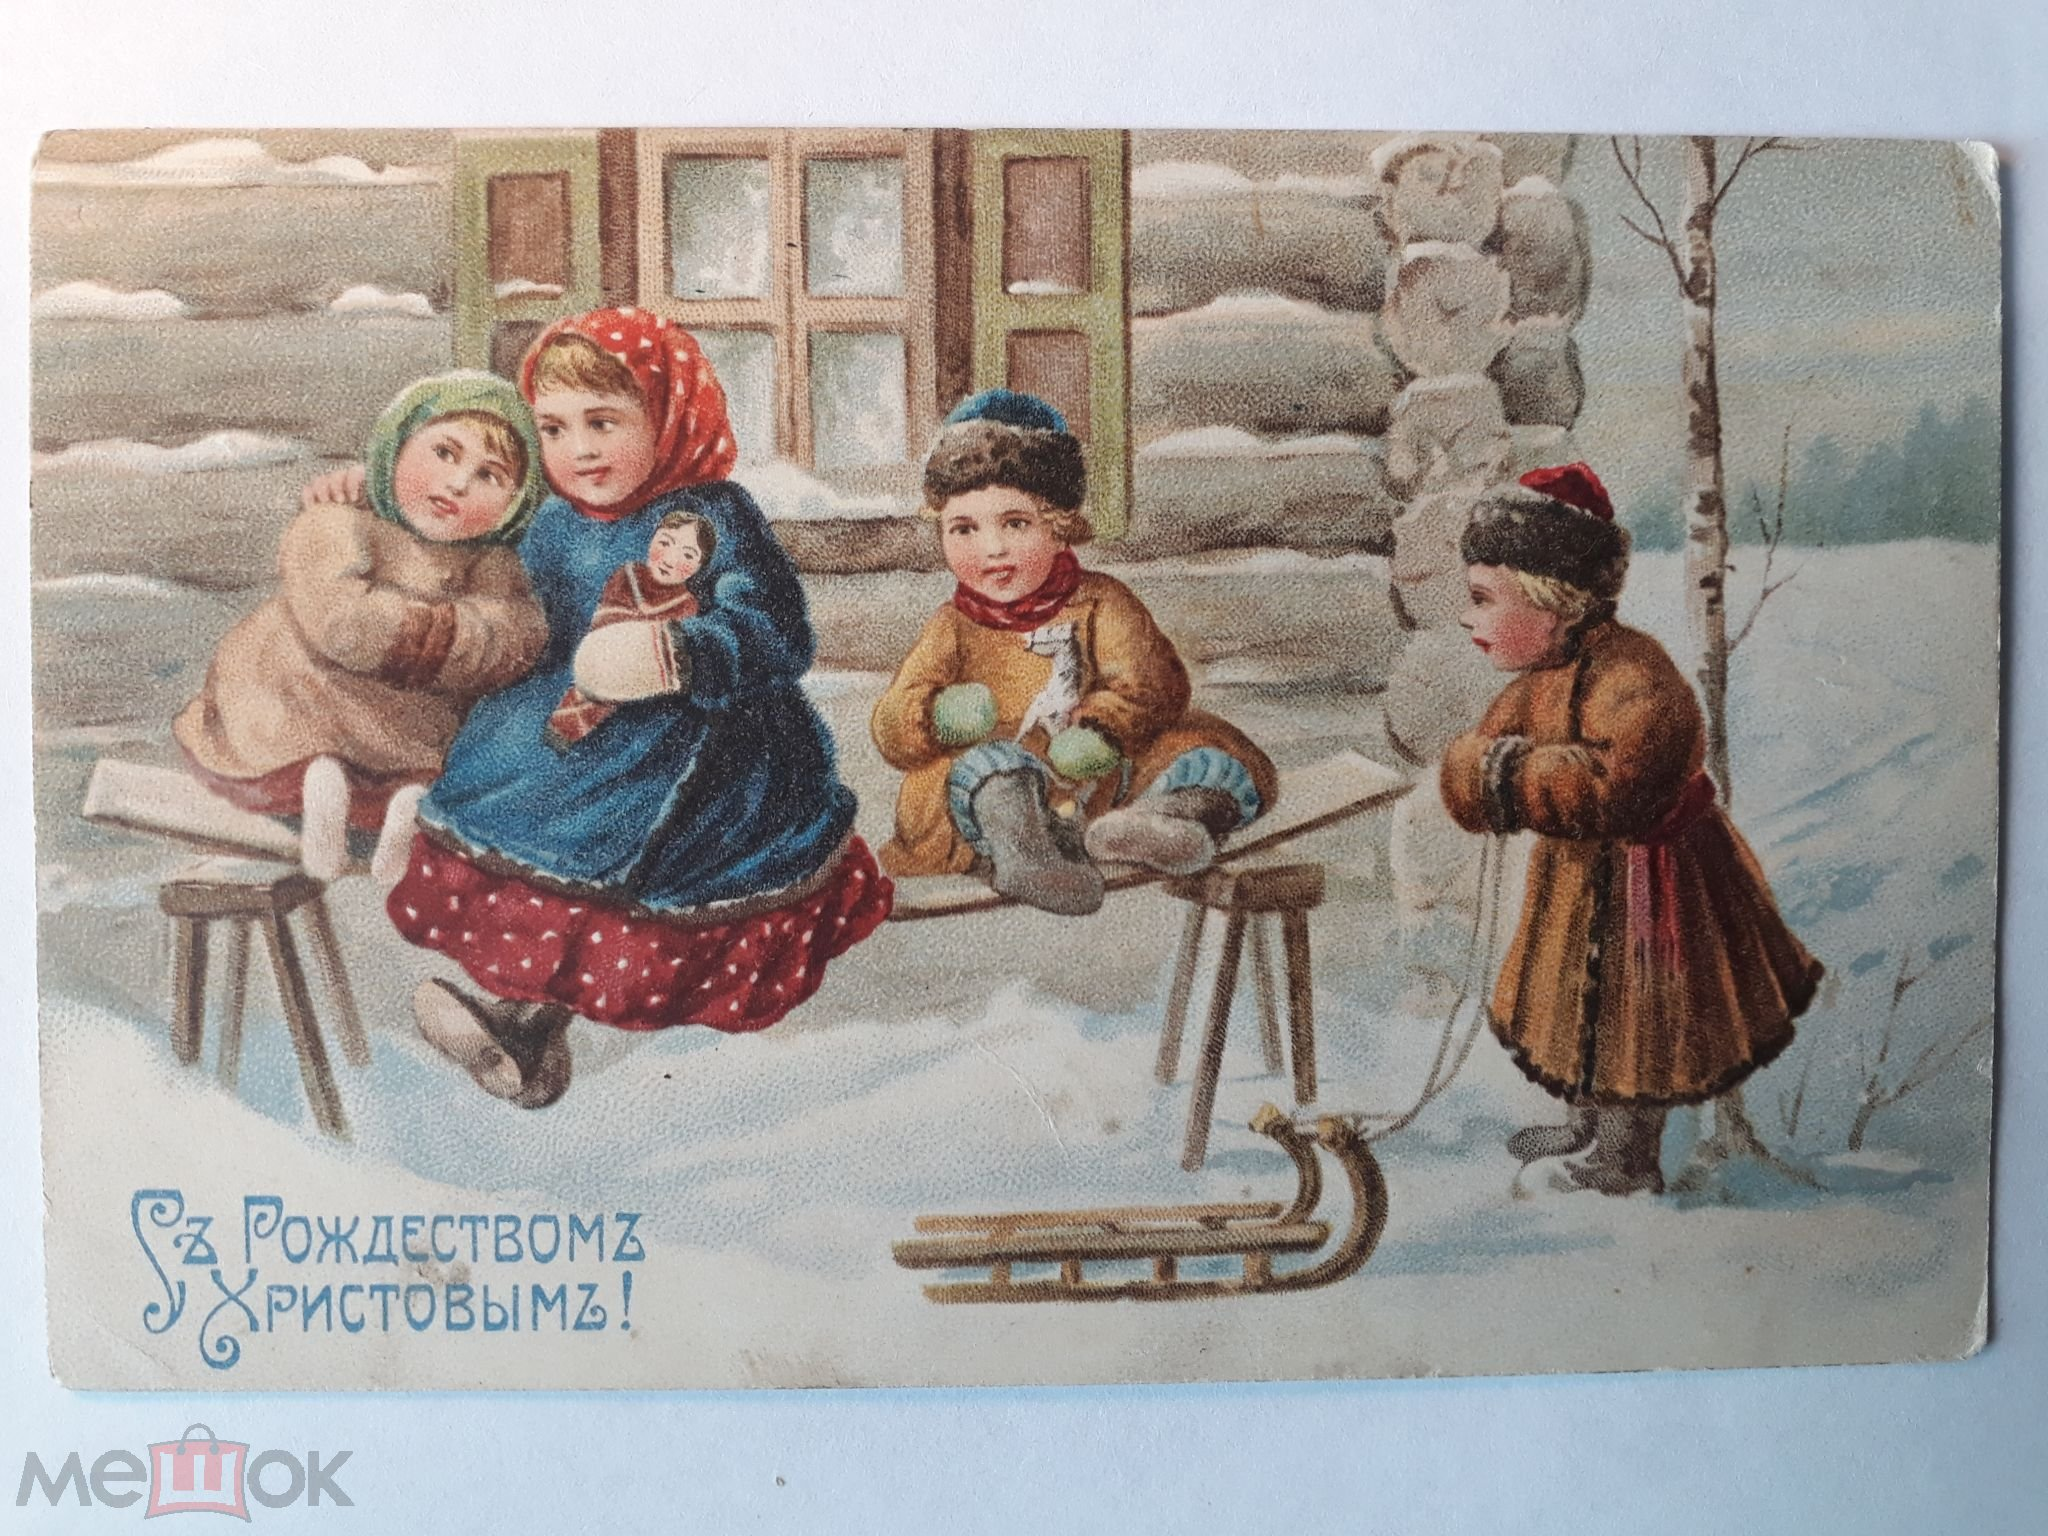 Прикольная картинка, открытки открытое письмо до 1917 года